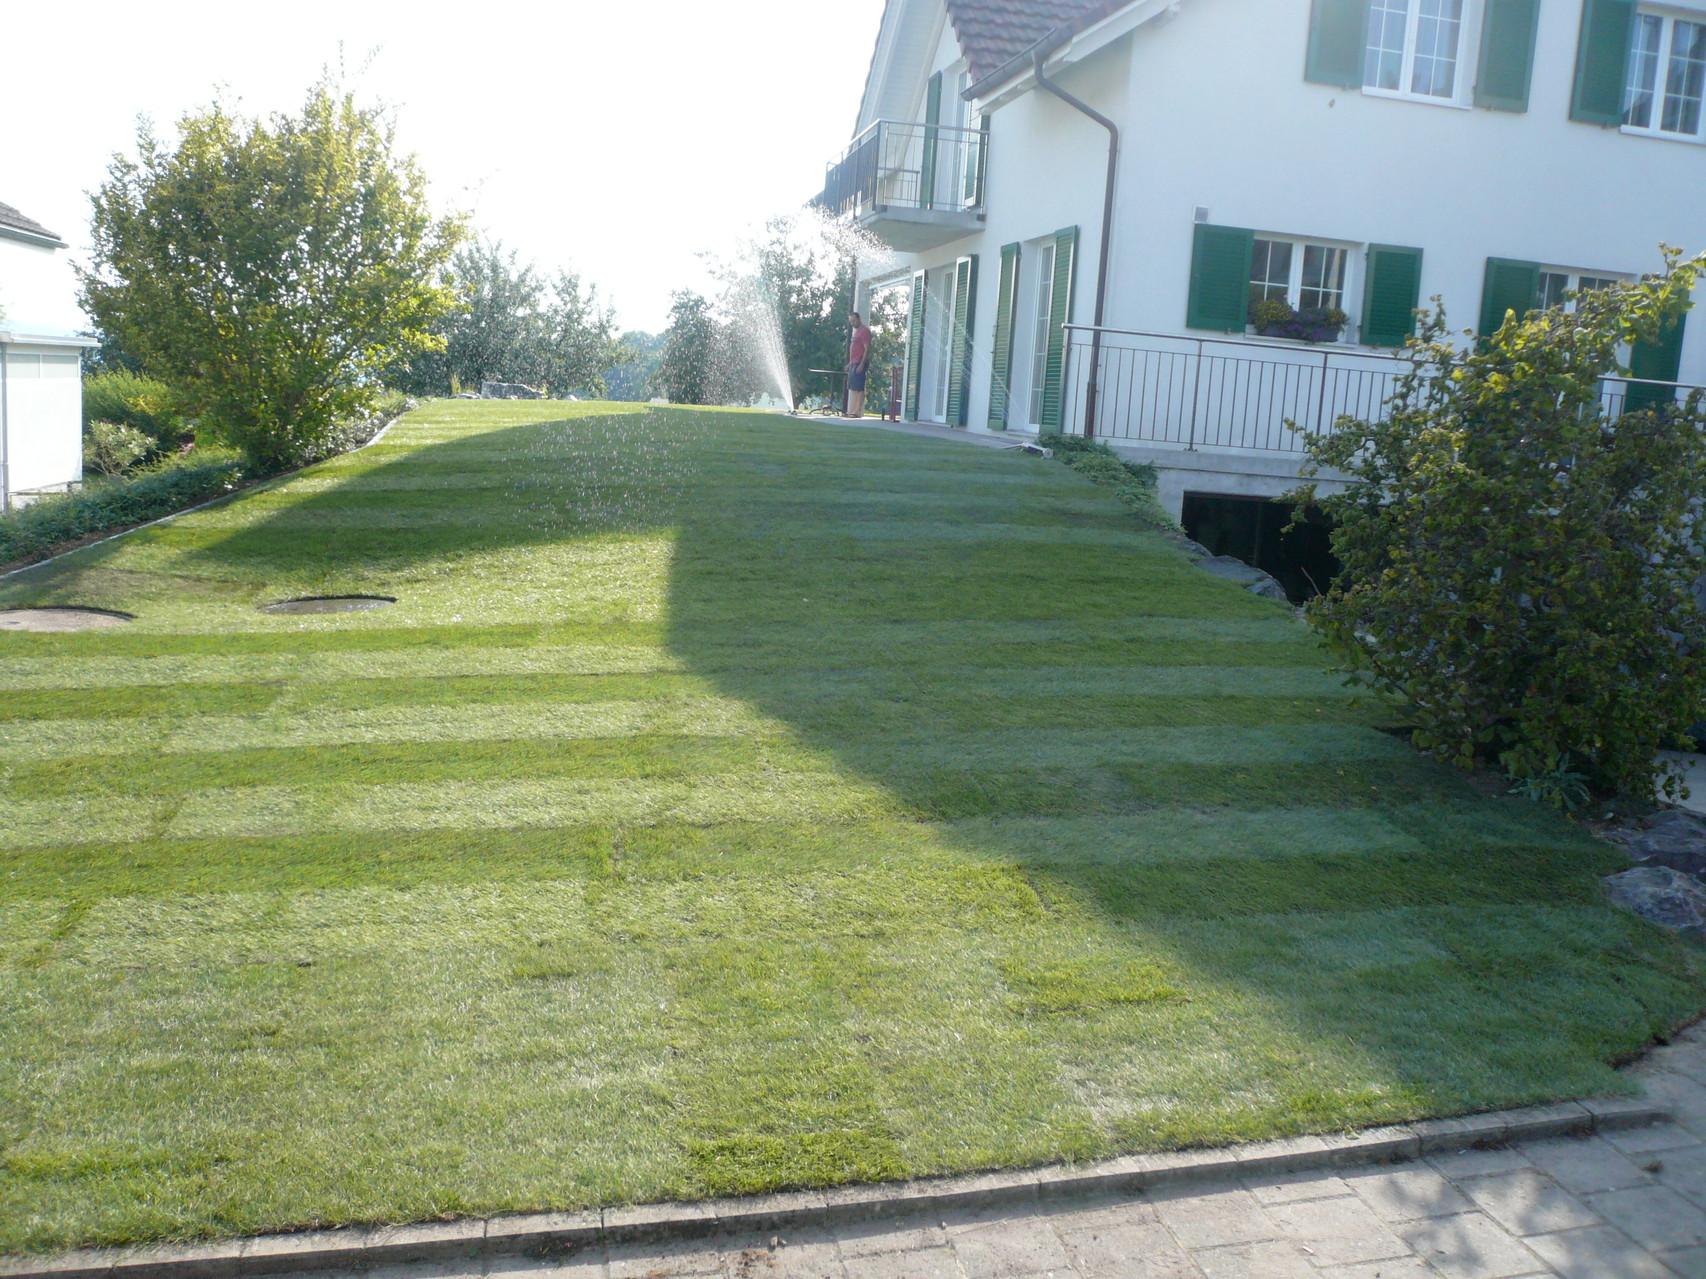 ...geschafft! 165 m2 Rasen in einem Tag verlegt